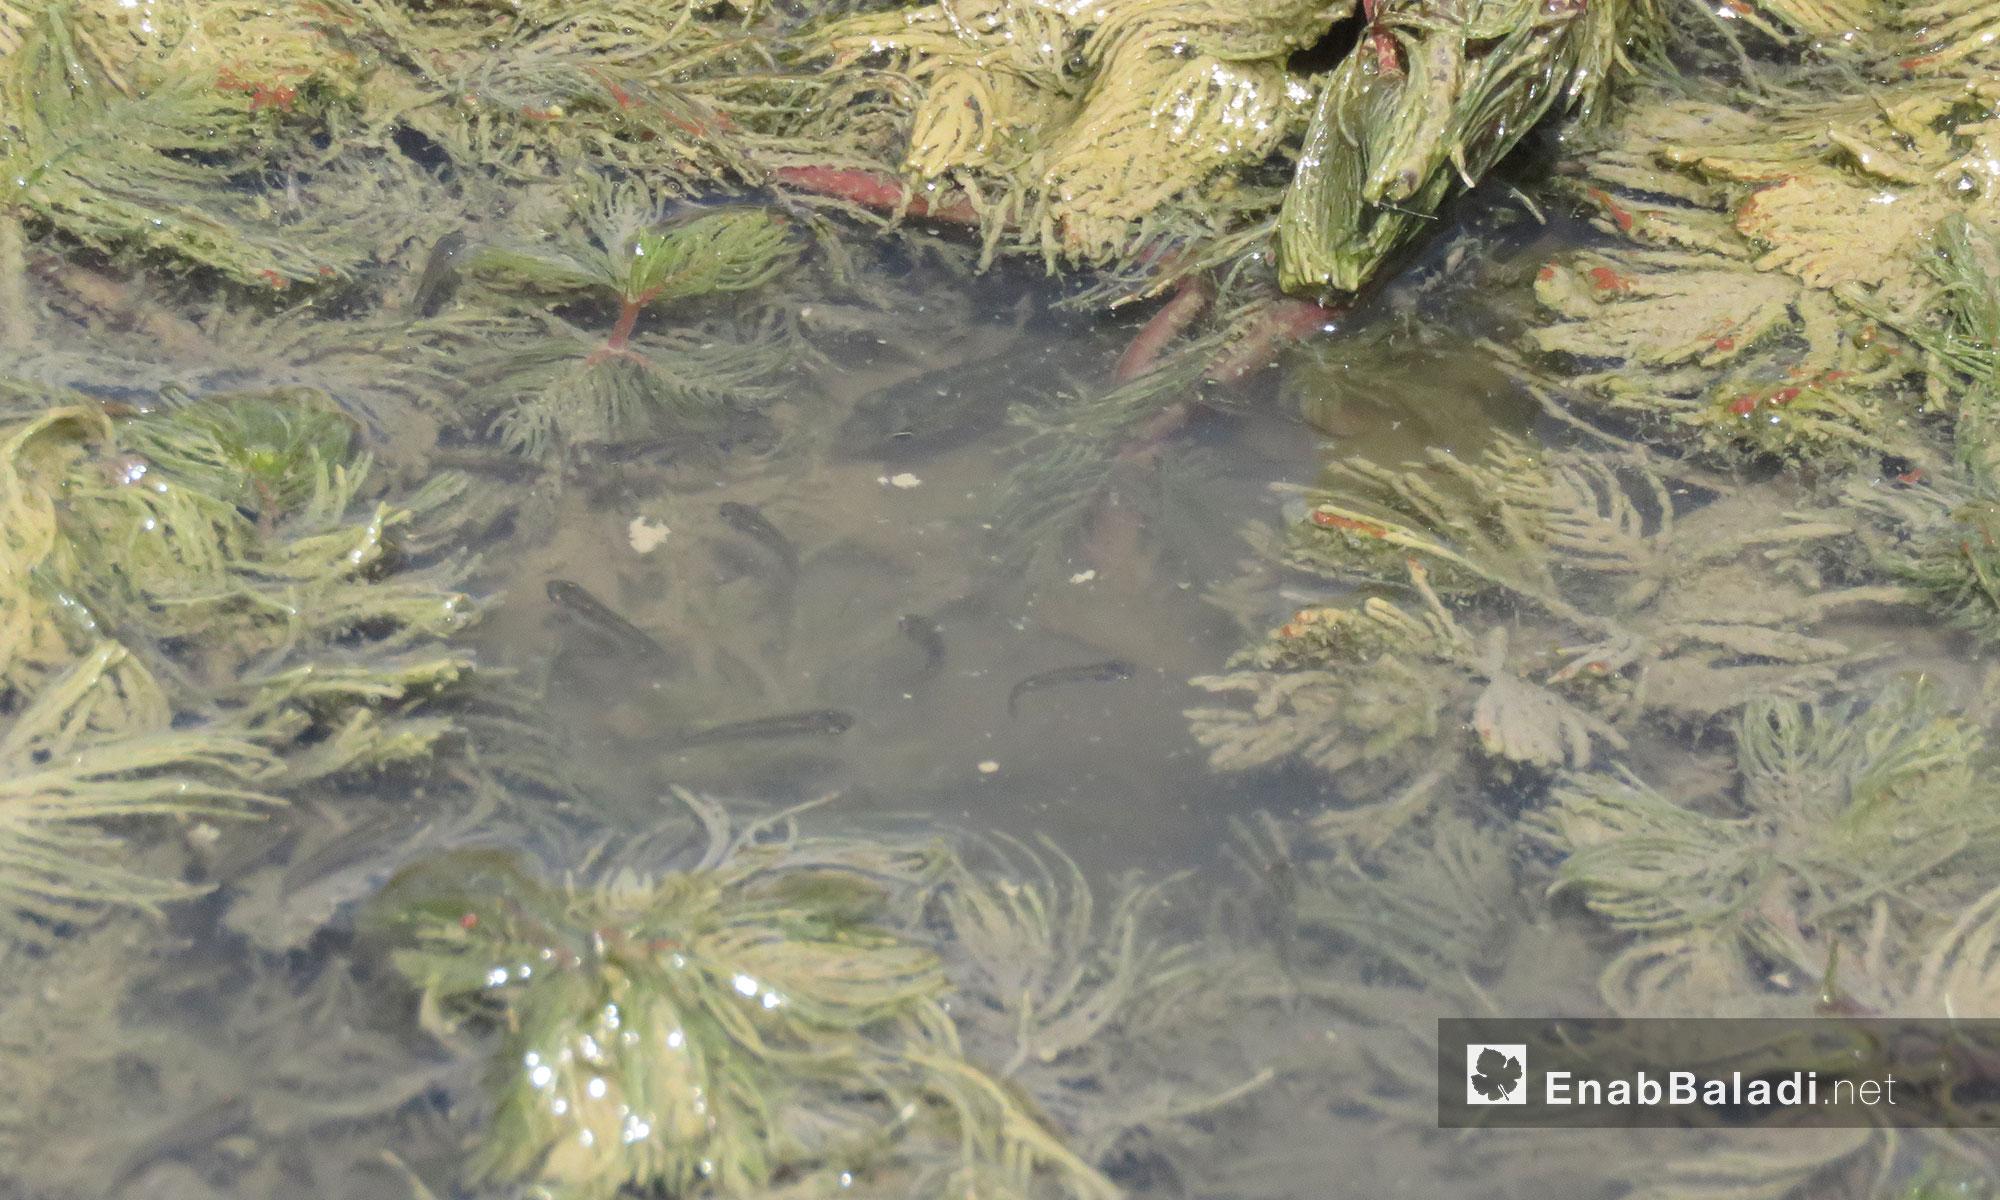 أحد أهم أسباب جفاف السد تعطل المضخة المركزية التي كانت تغذيه